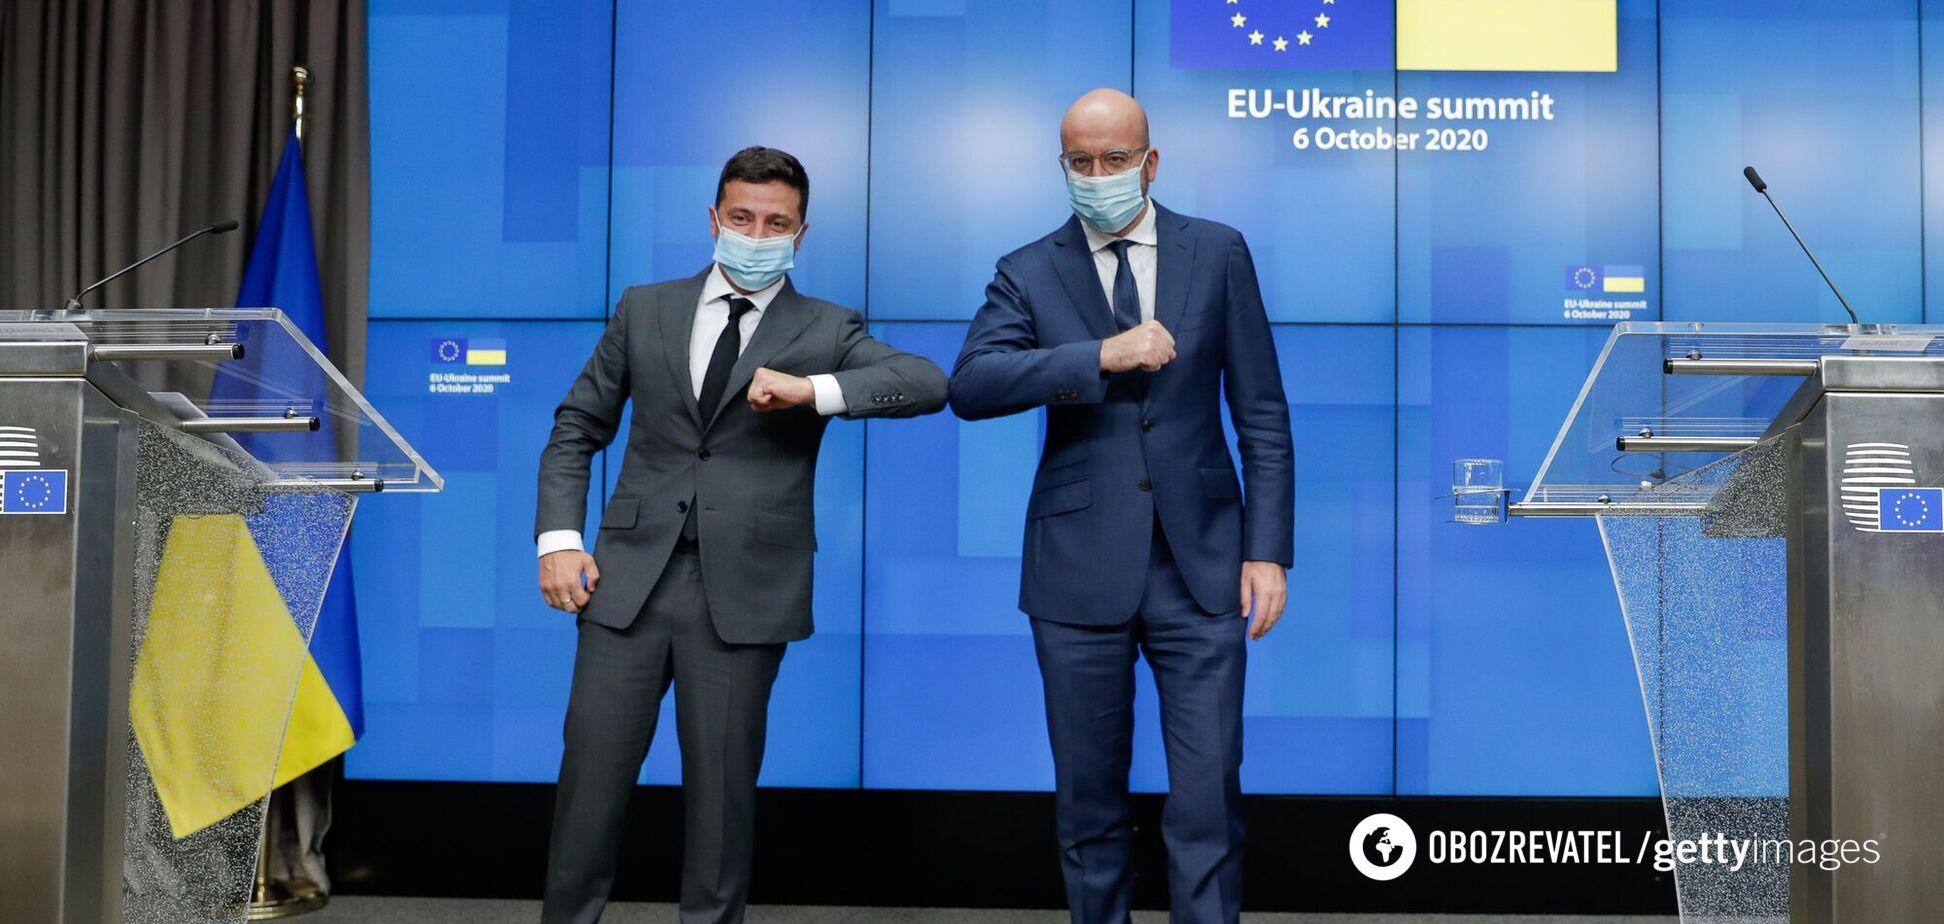 Зеленський поговорив із президентом Євроради: ЗМІ писали про напружені стосунки між політиками